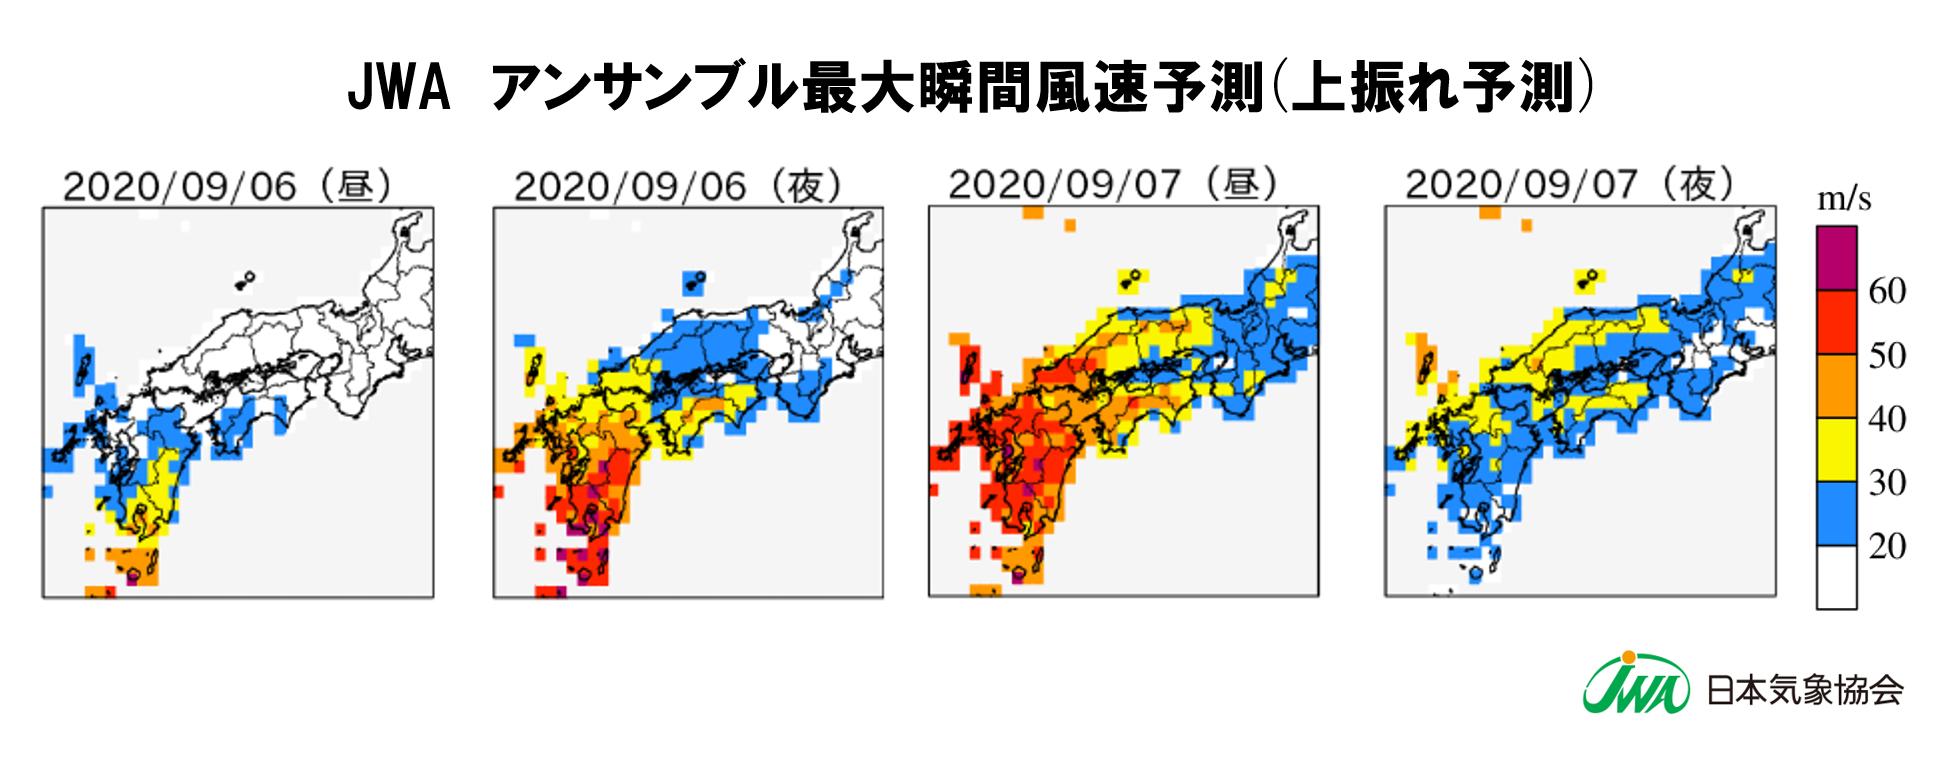 図2 最大瞬間風速(m/s)の予測図